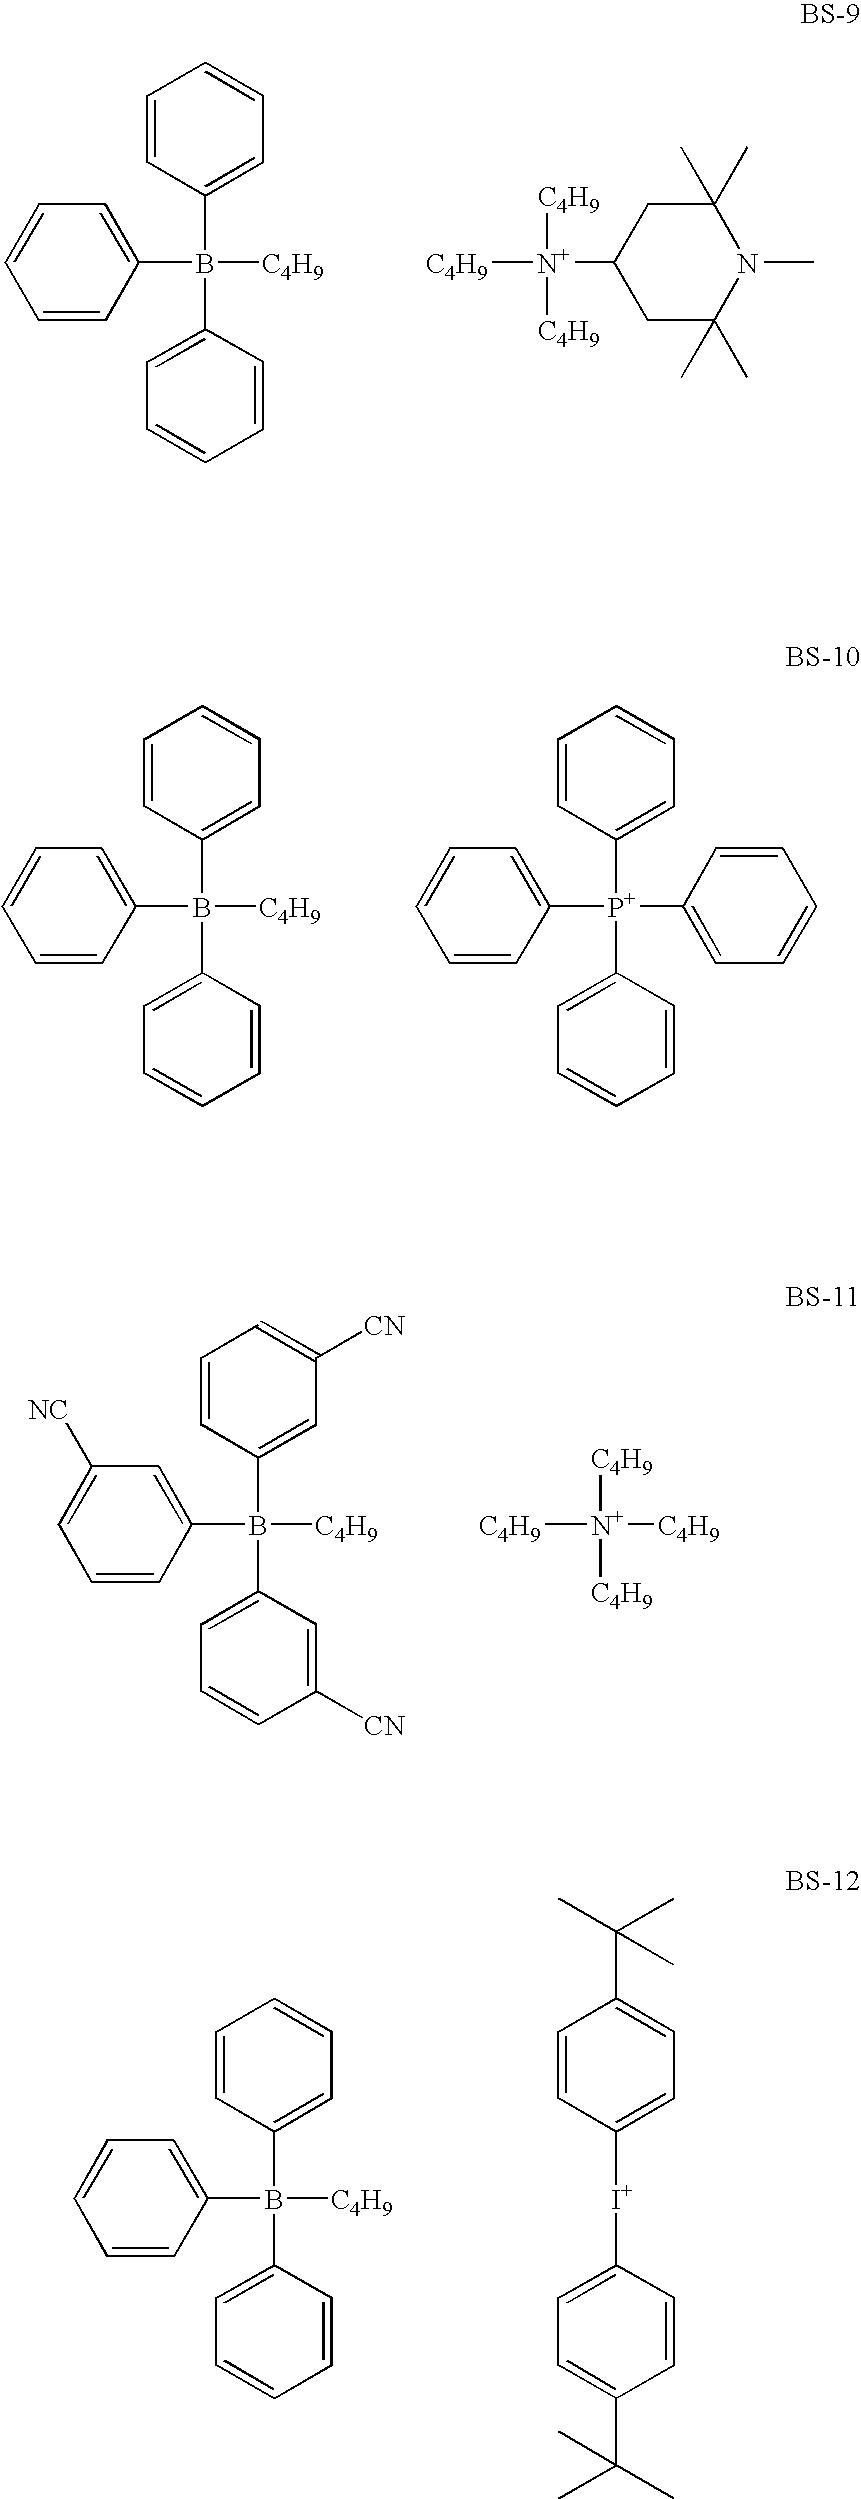 Figure US20050084789A1-20050421-C00011